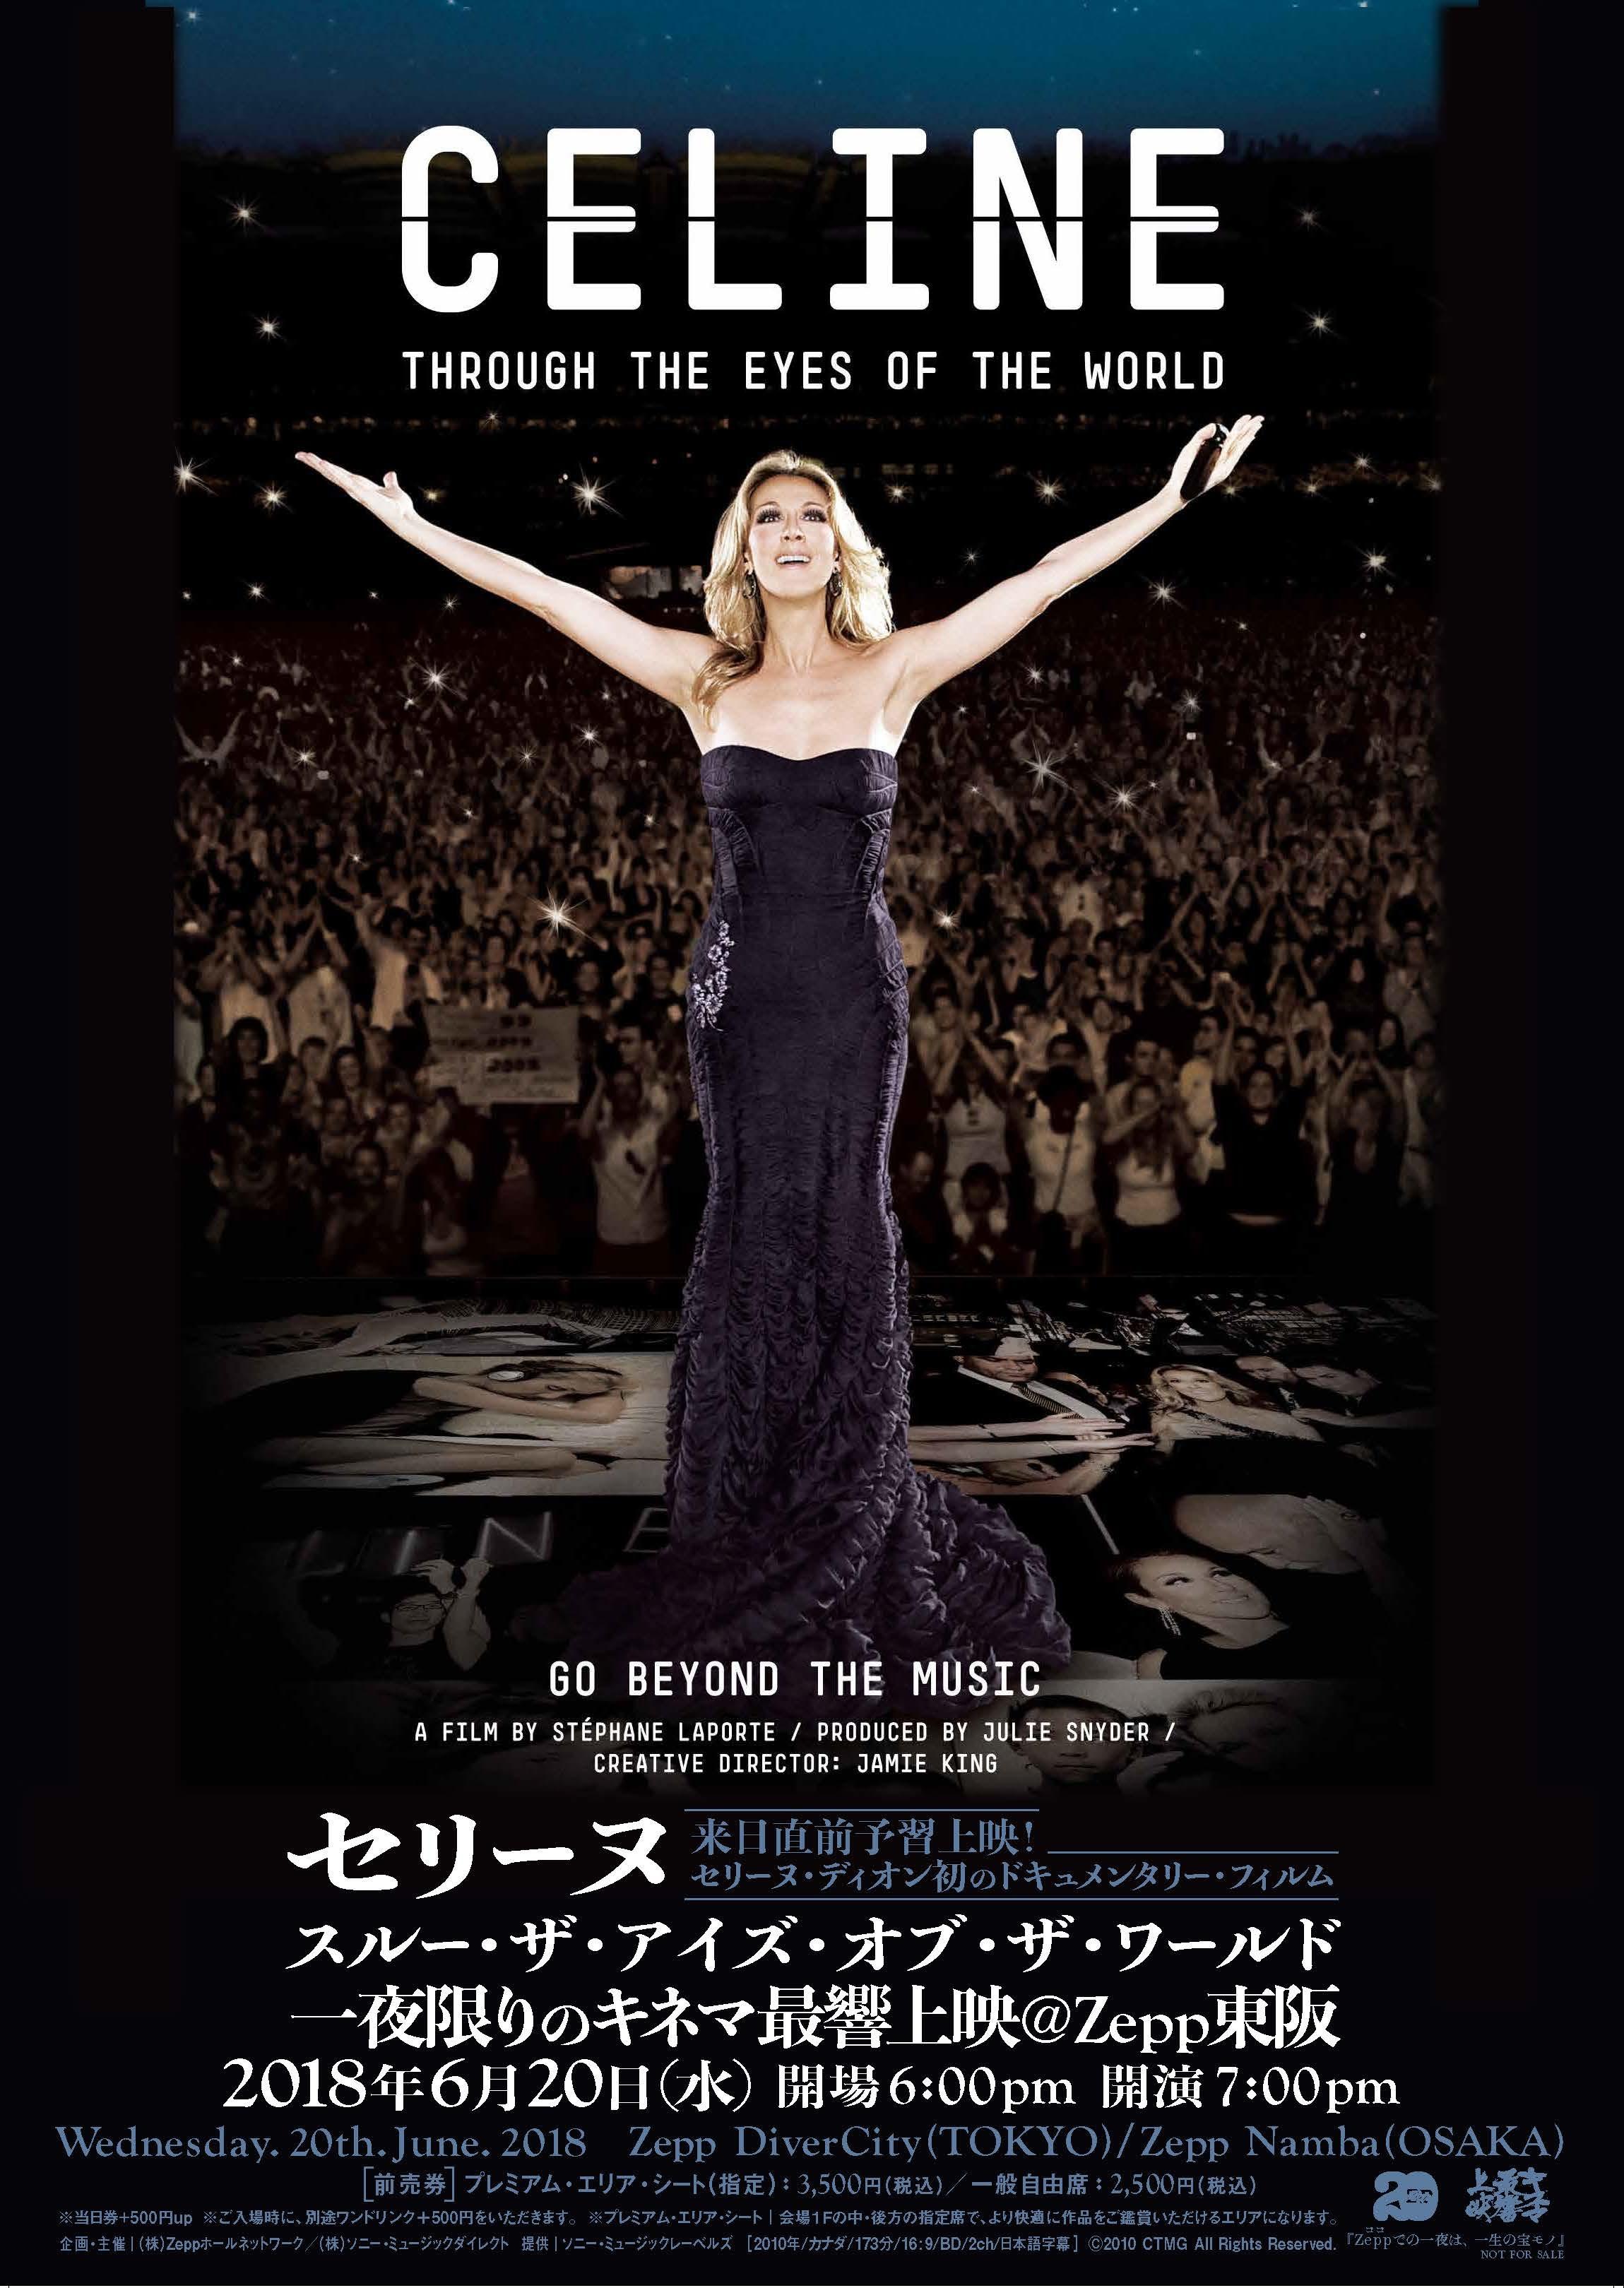 セリーヌ・ディオンのドキュメンタリー映画『セリーヌ:スルー・ザ・アイズ・オブ・ザ・ワールド』